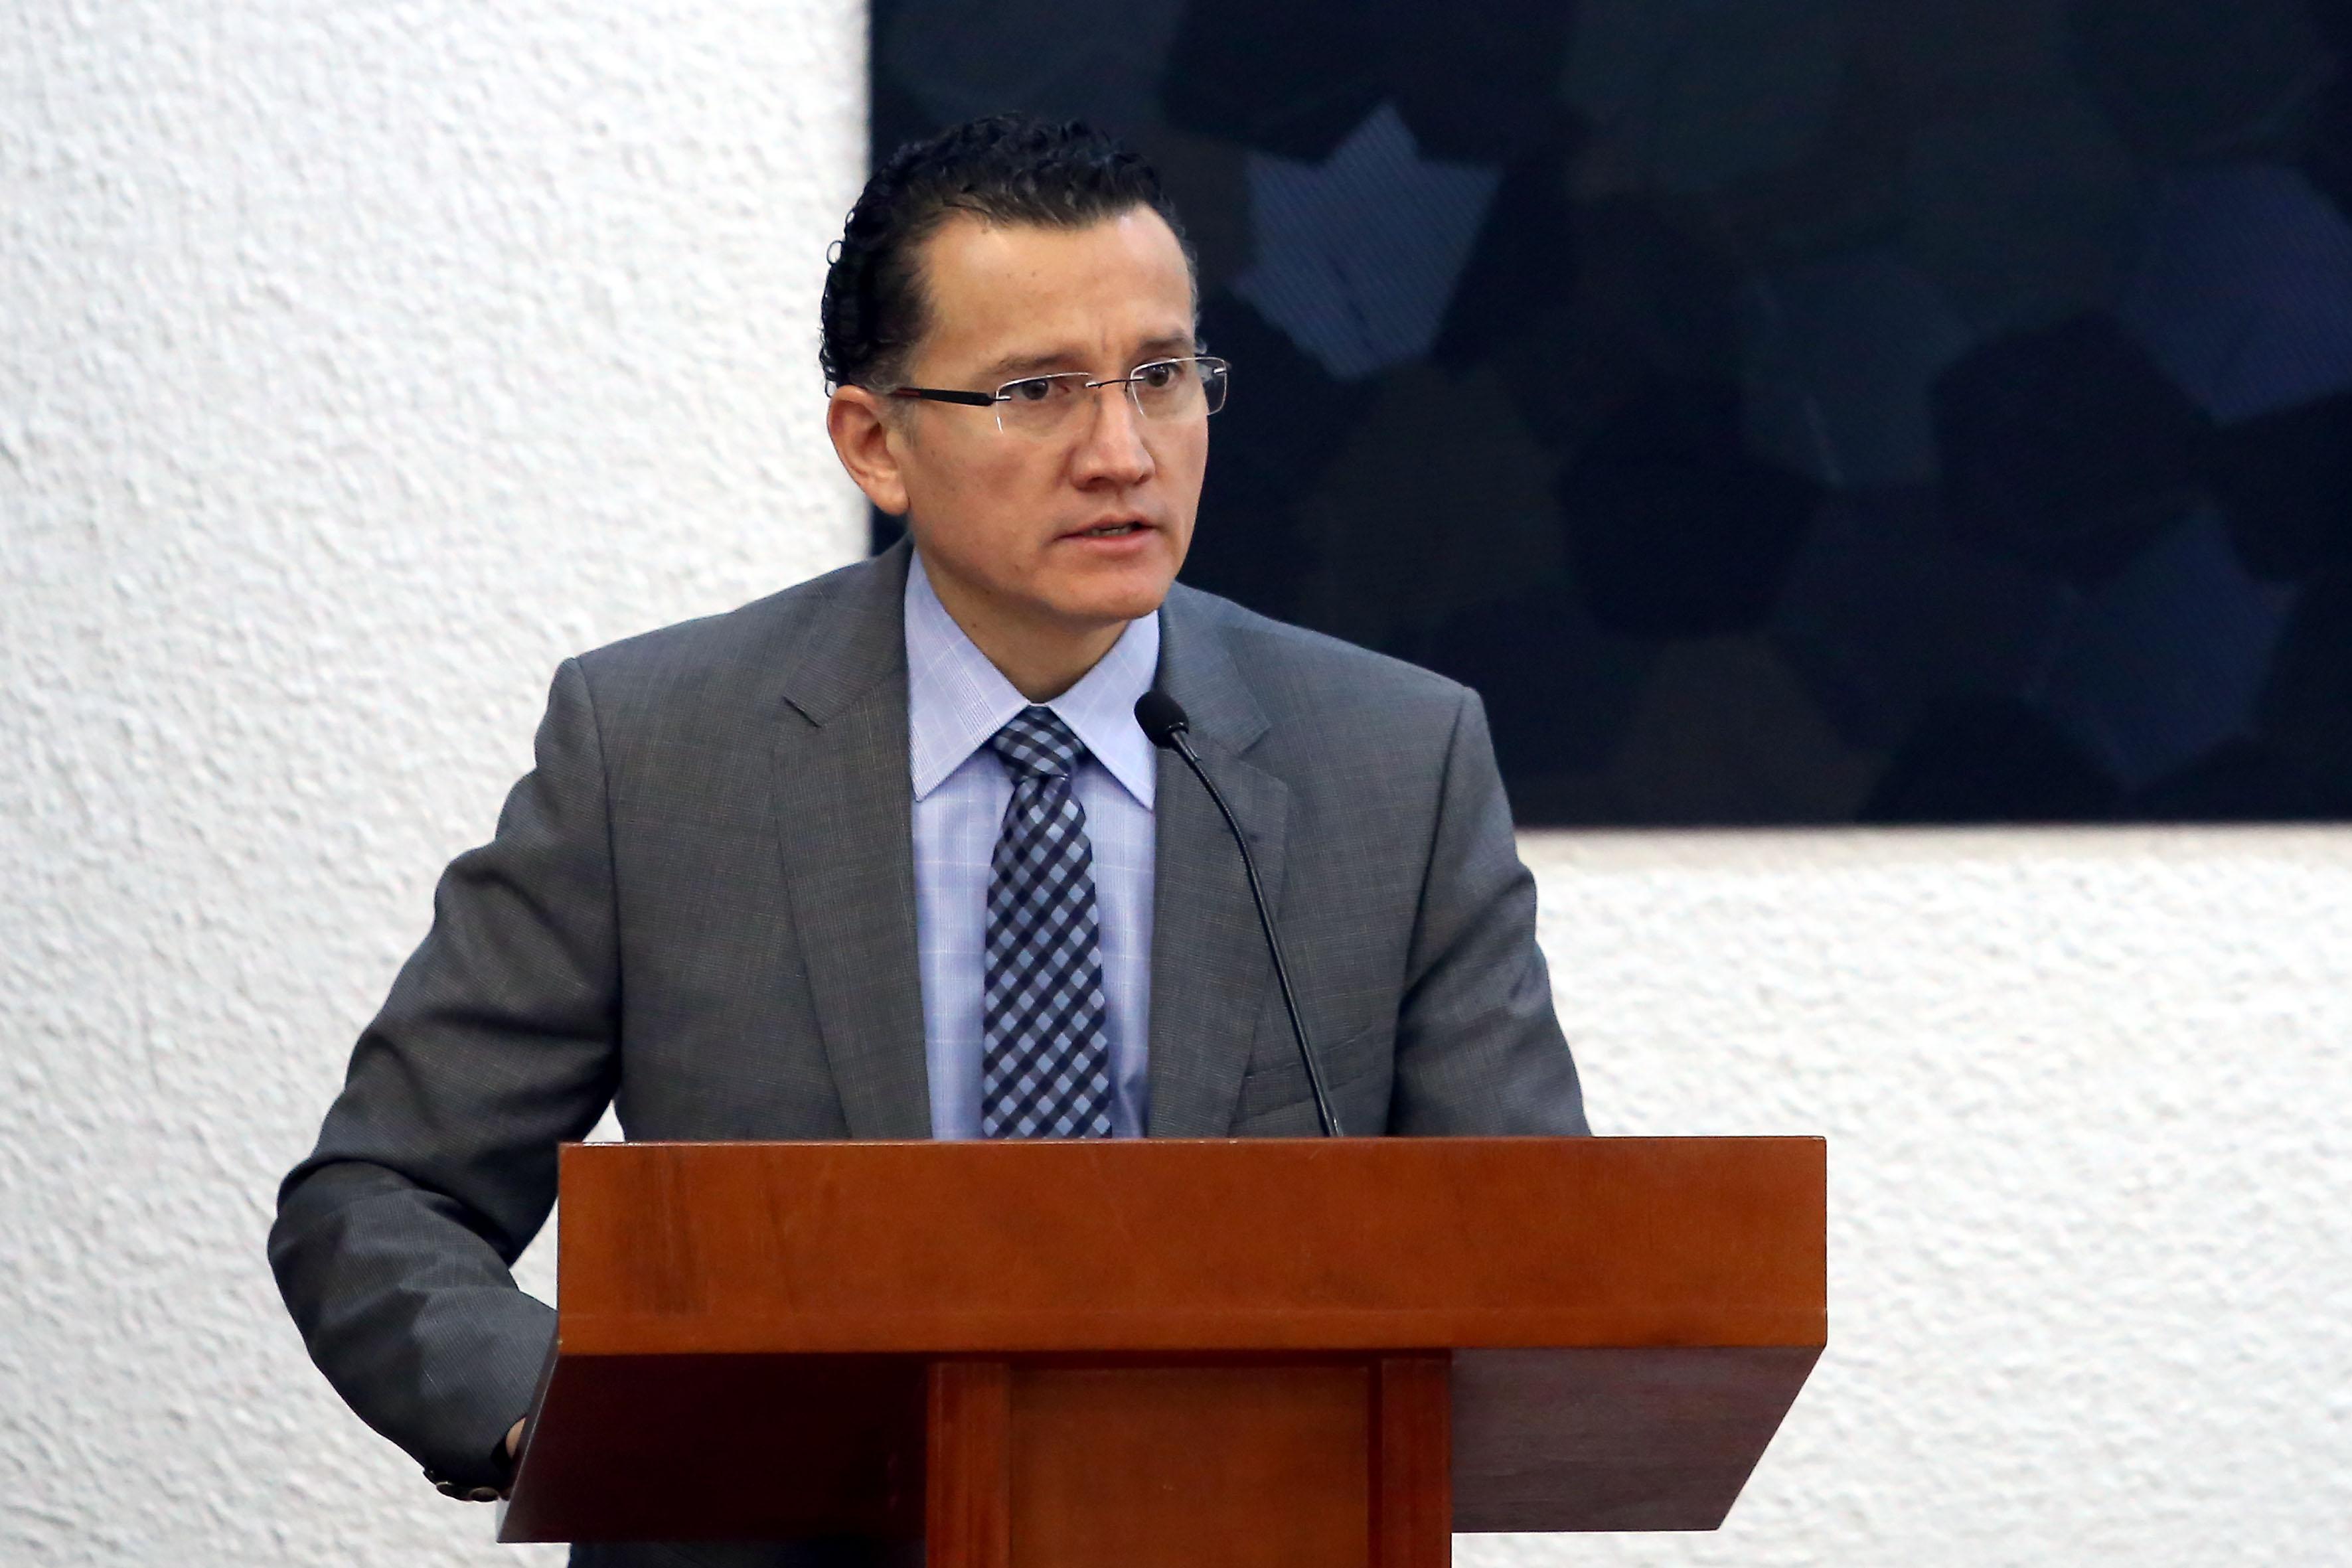 Director División Disciplinas Clínicas al micrófono en el pódium